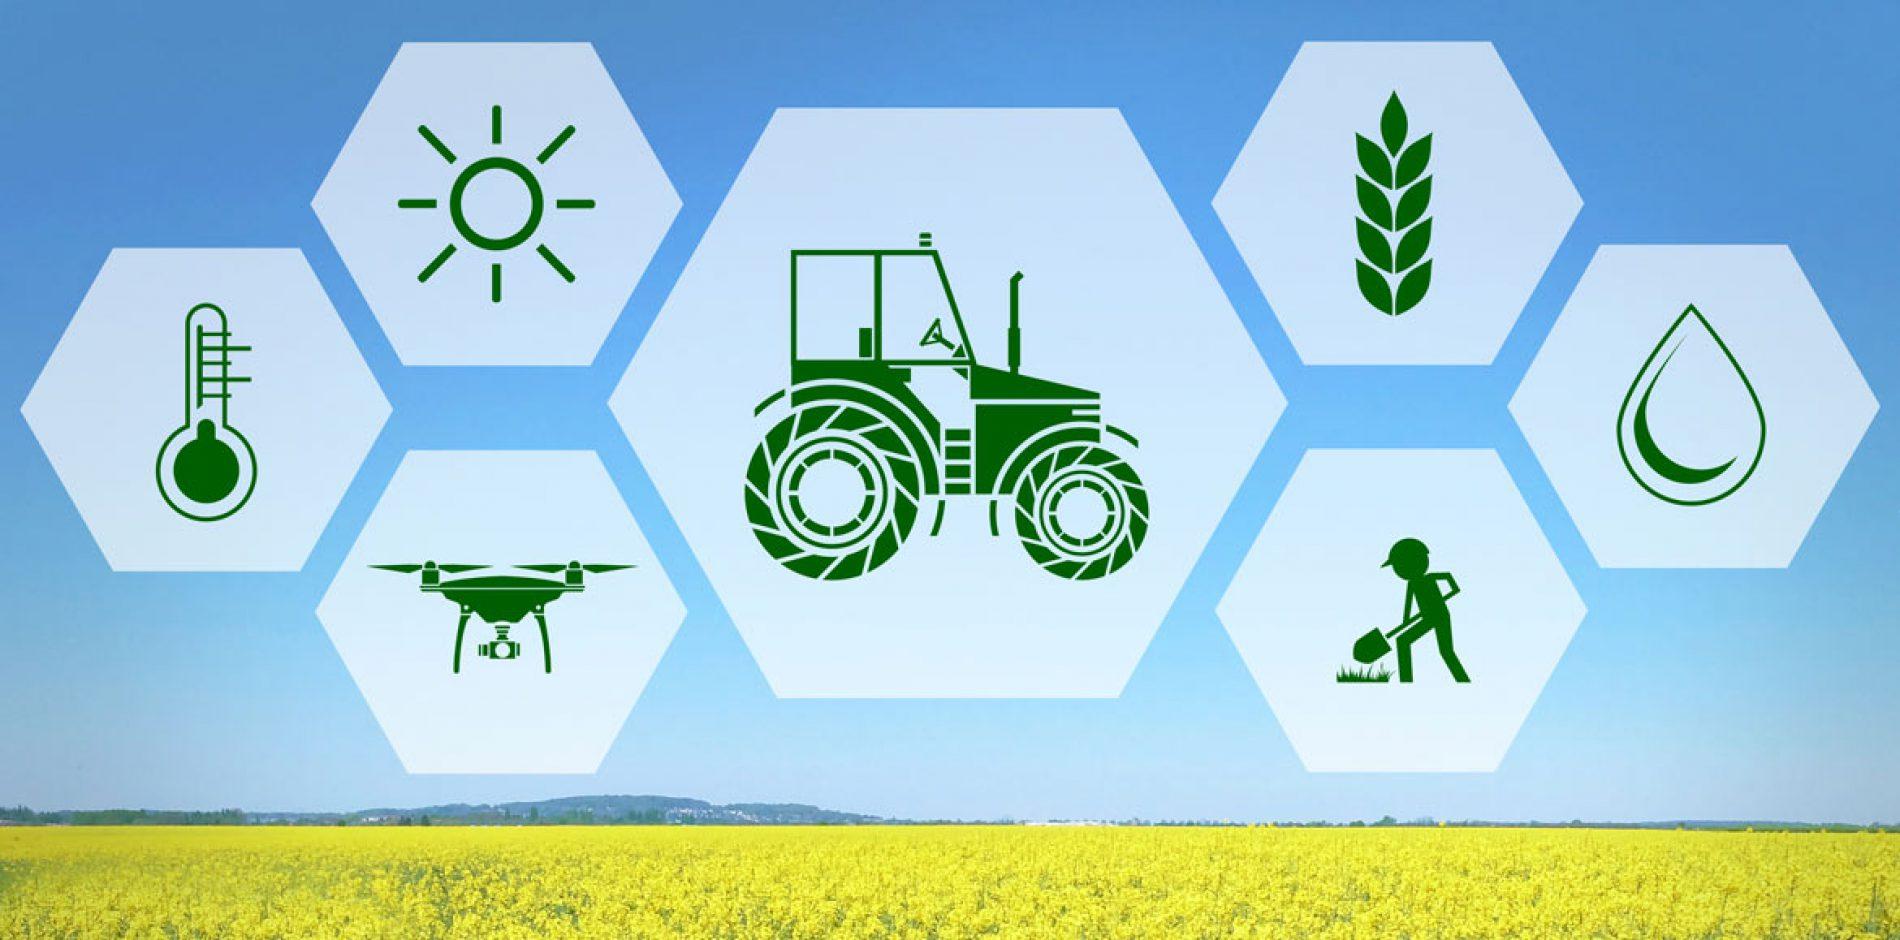 Agricoltura: nella nuova Legge di Bilancio 600 milioni per le aziende italiane del settore